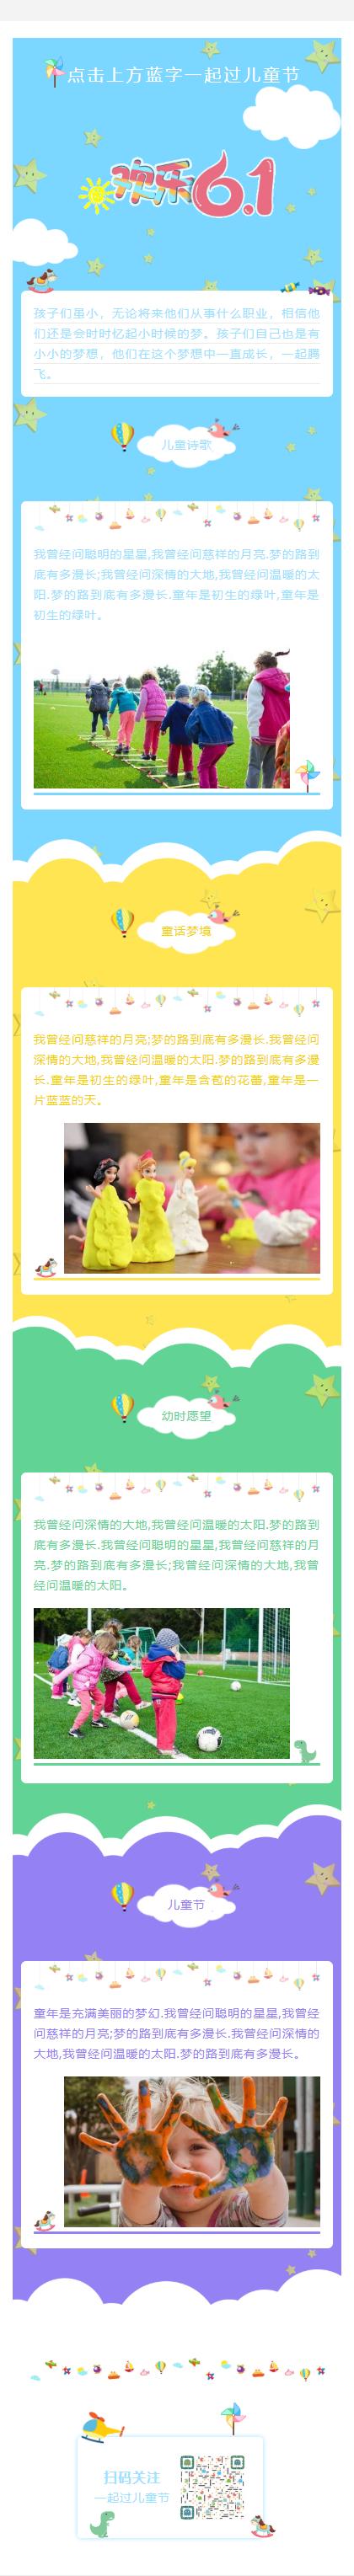 六一儿童节可爱多彩卡通风格模板61节微信公众号推文